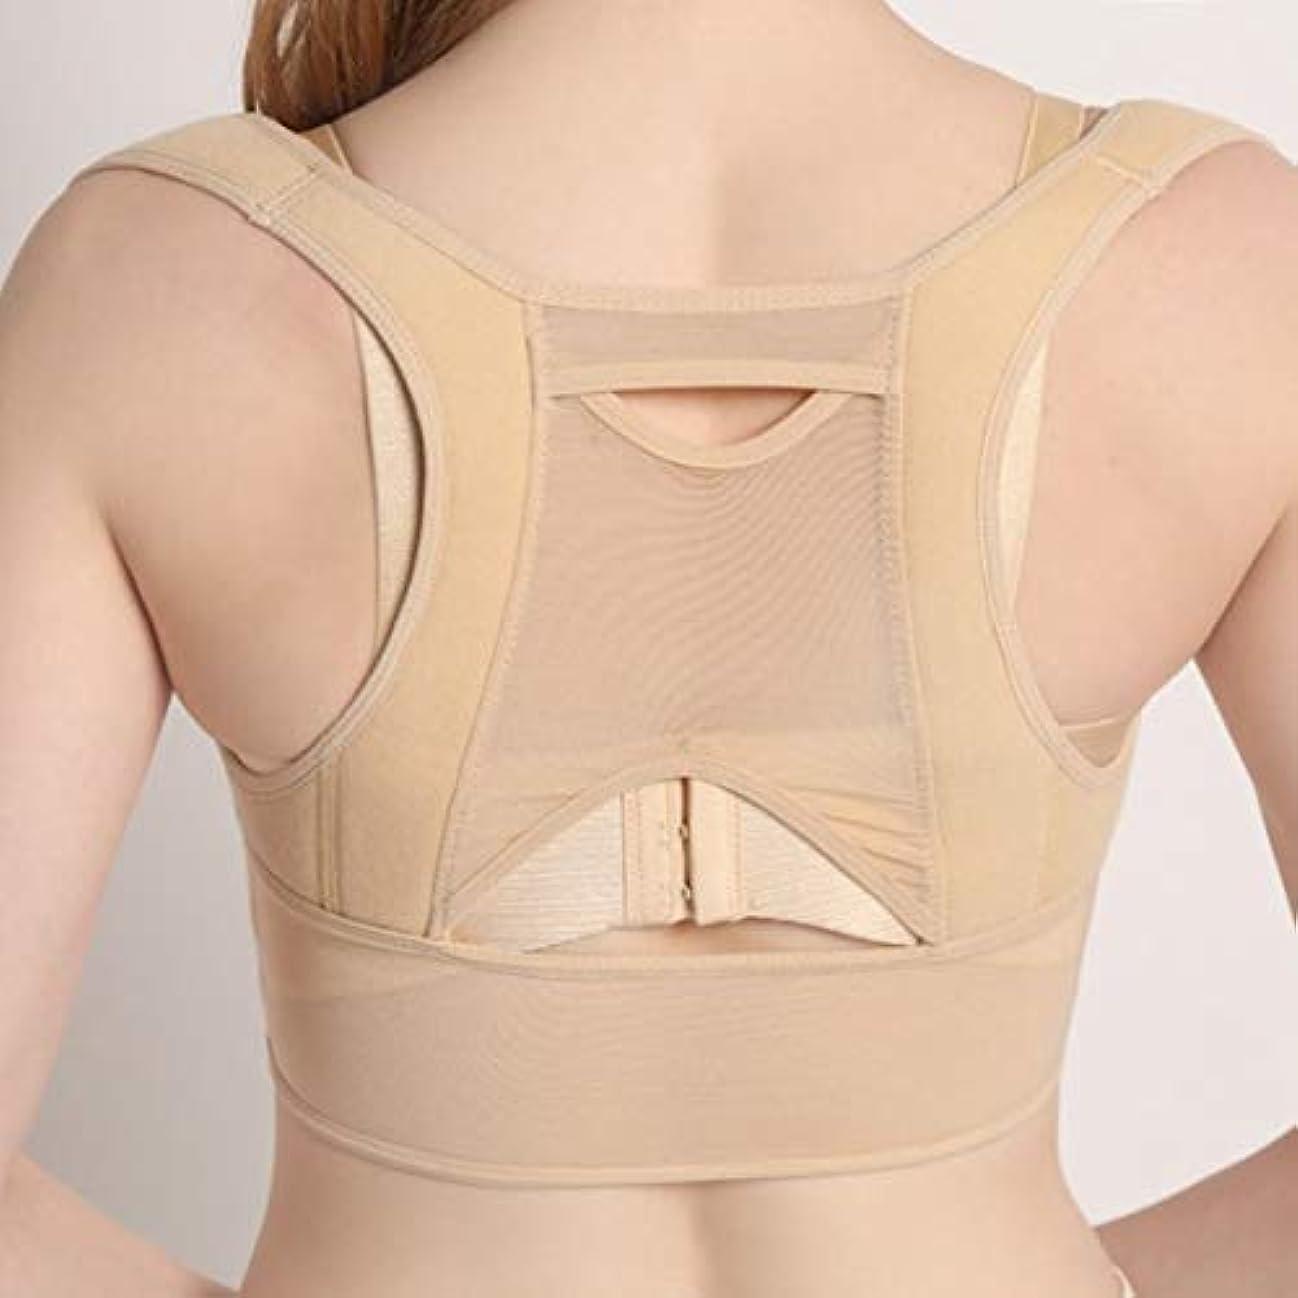 危機排出ペンダント通気性のある女性の背中の姿勢矯正コルセット整形外科の背中の肩の背骨の姿勢矯正腰椎サポート - ベージュホワイトL